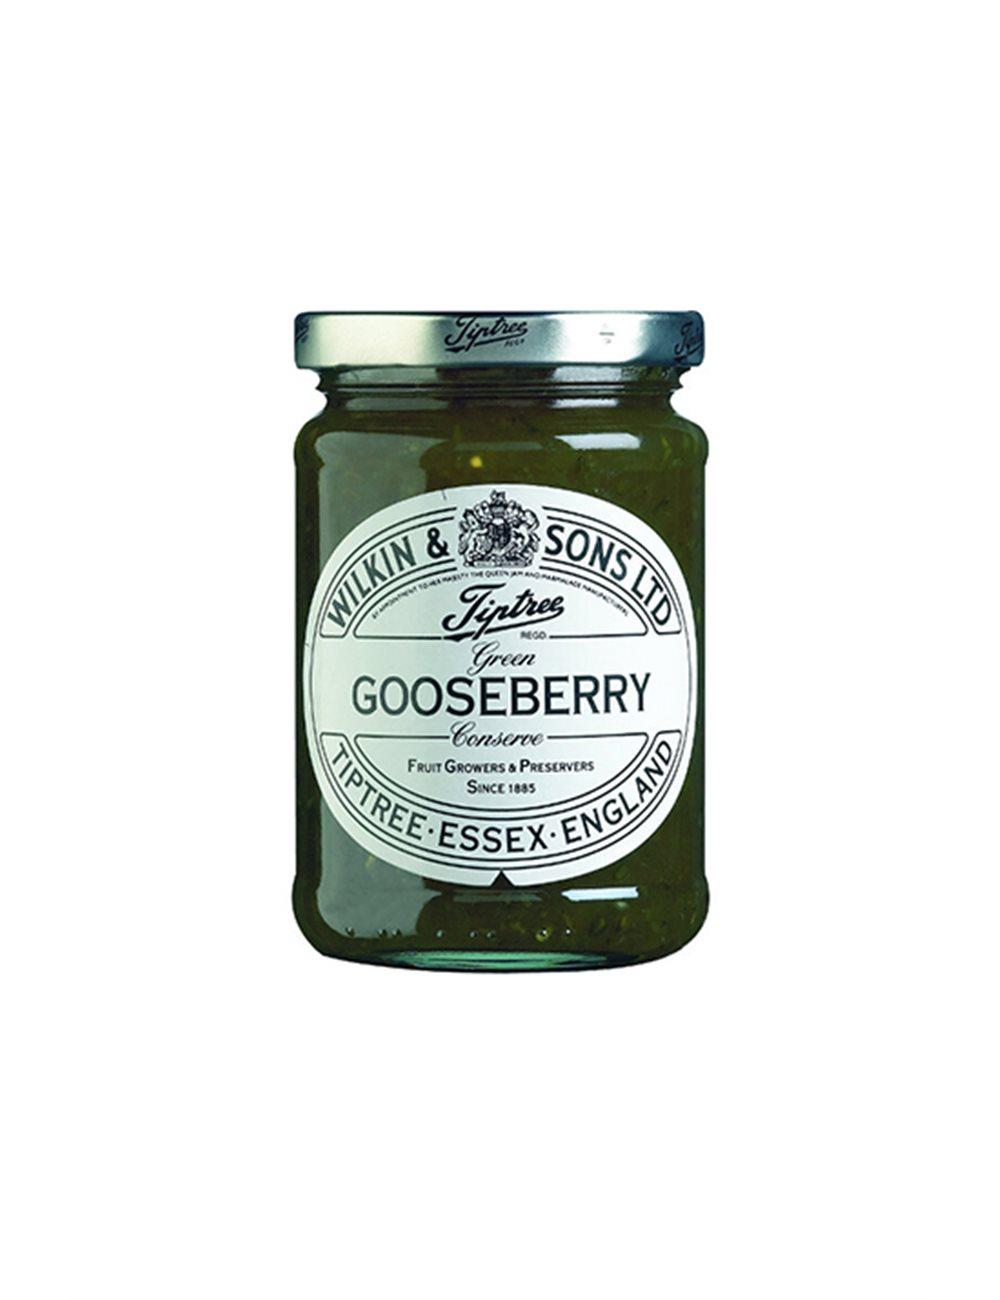 Green Gooseberry 340g